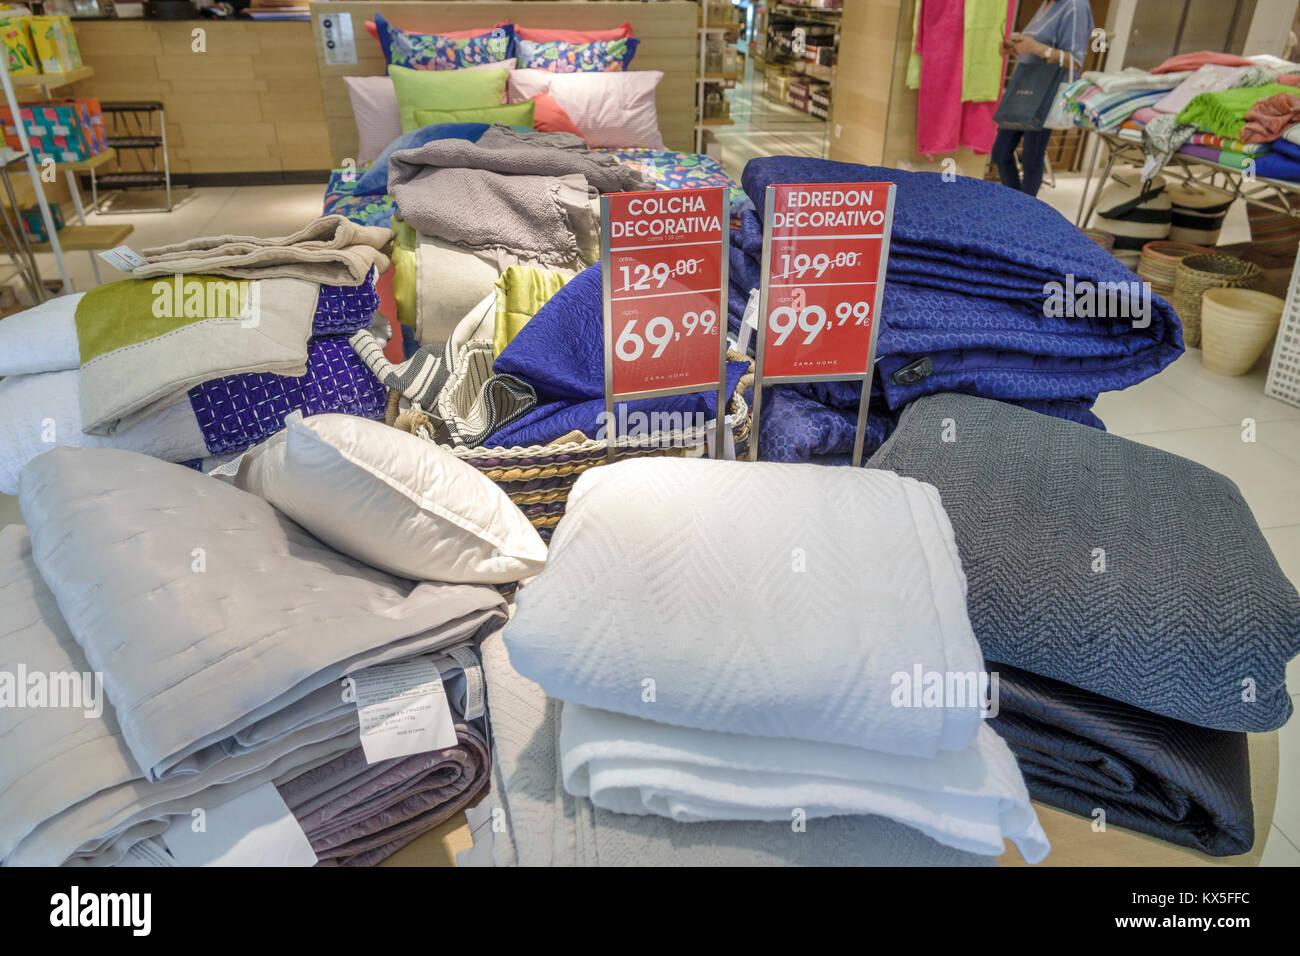 Fundas De Edredon Zara Home.Zara Home Stock Photos Zara Home Stock Images Alamy